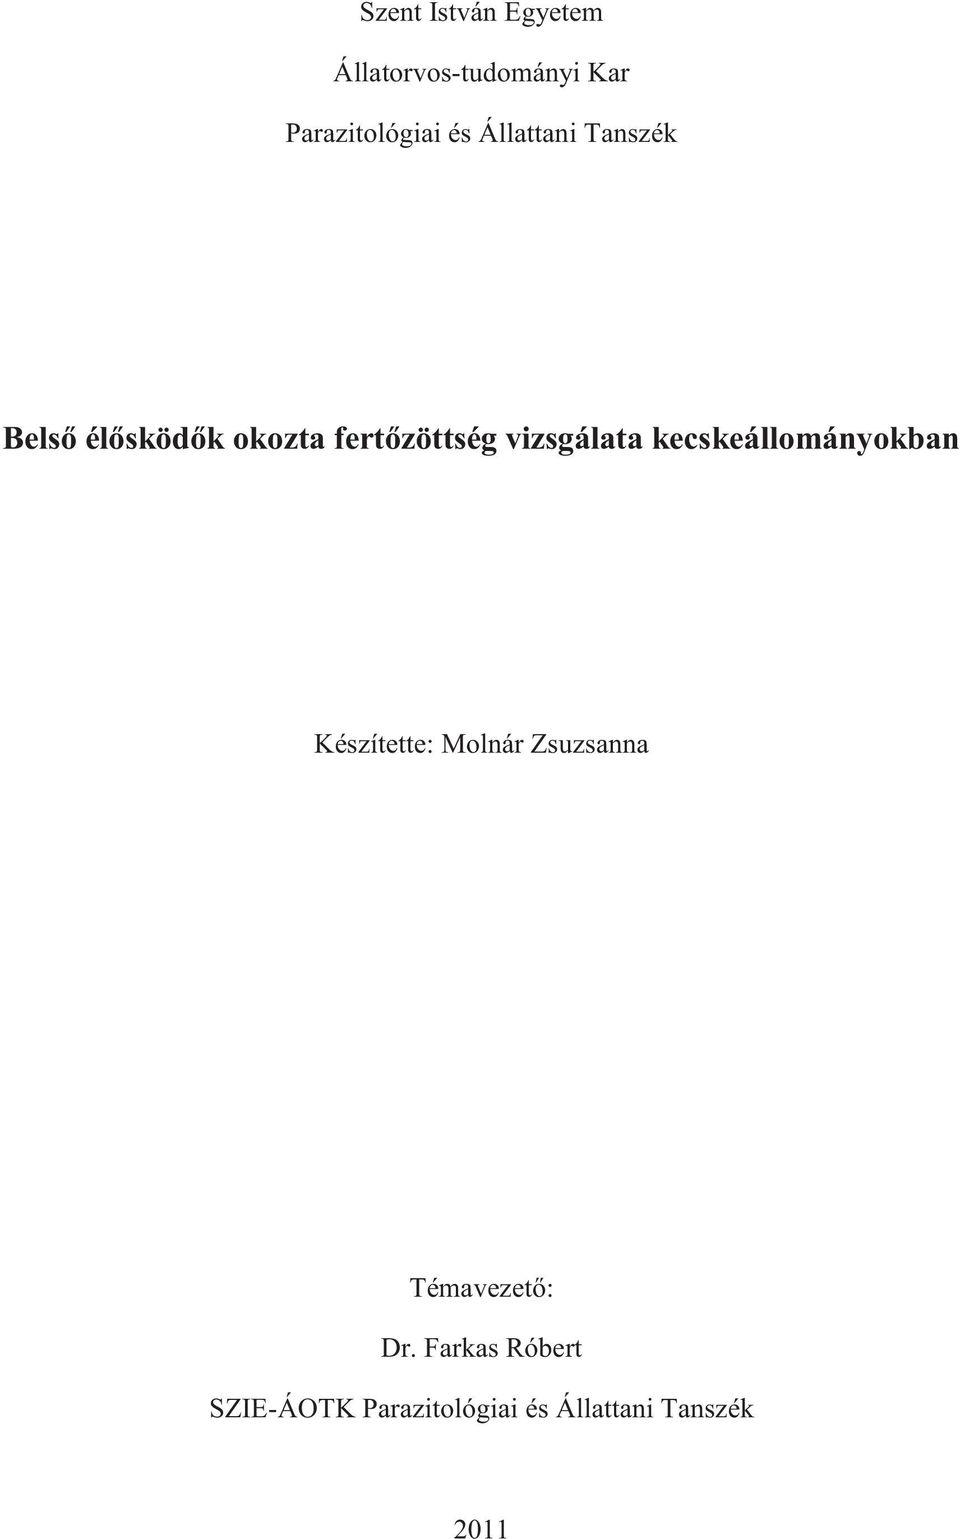 Kegyes tanítórendi katolikus gimnázium, Nagykanizsa,   Könyvtár   Hungaricana